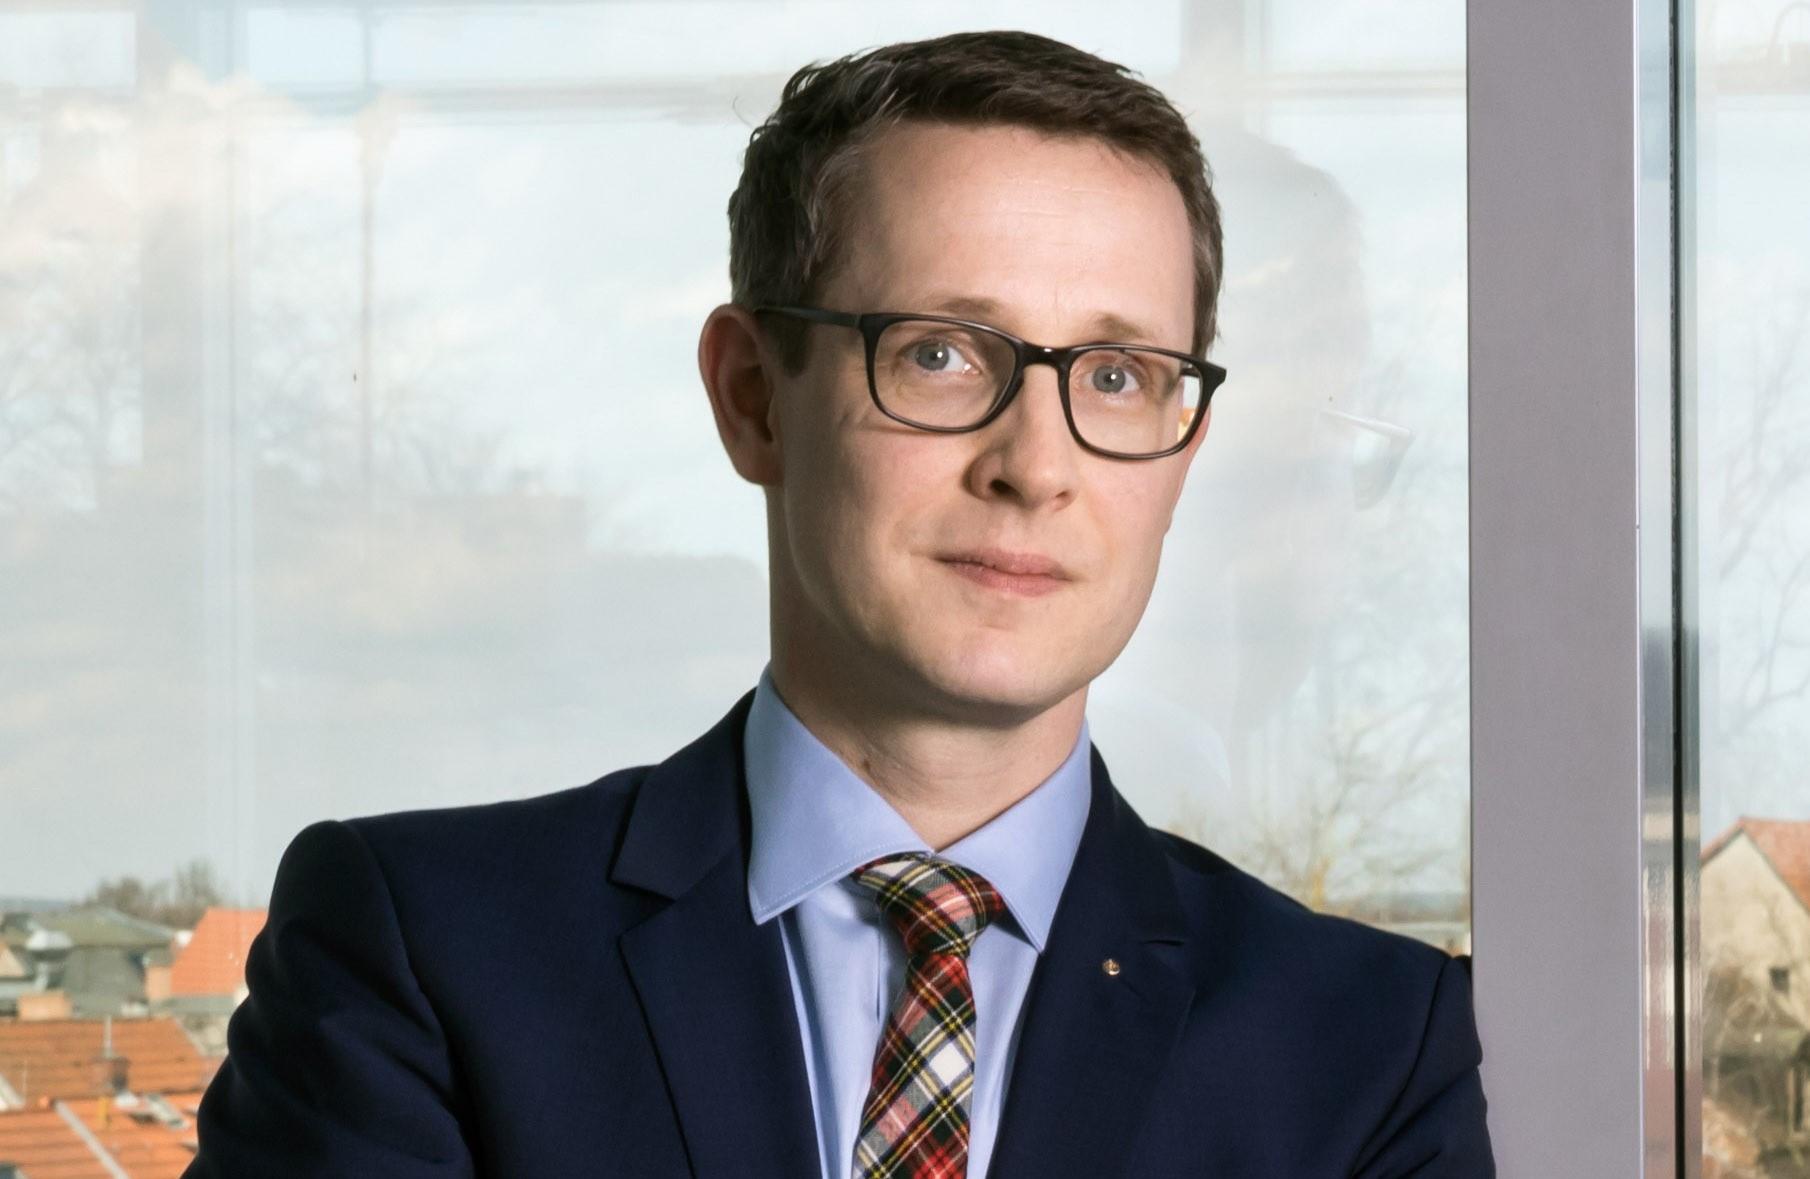 Stefan Tiemann zu proaktivem Netzausbau